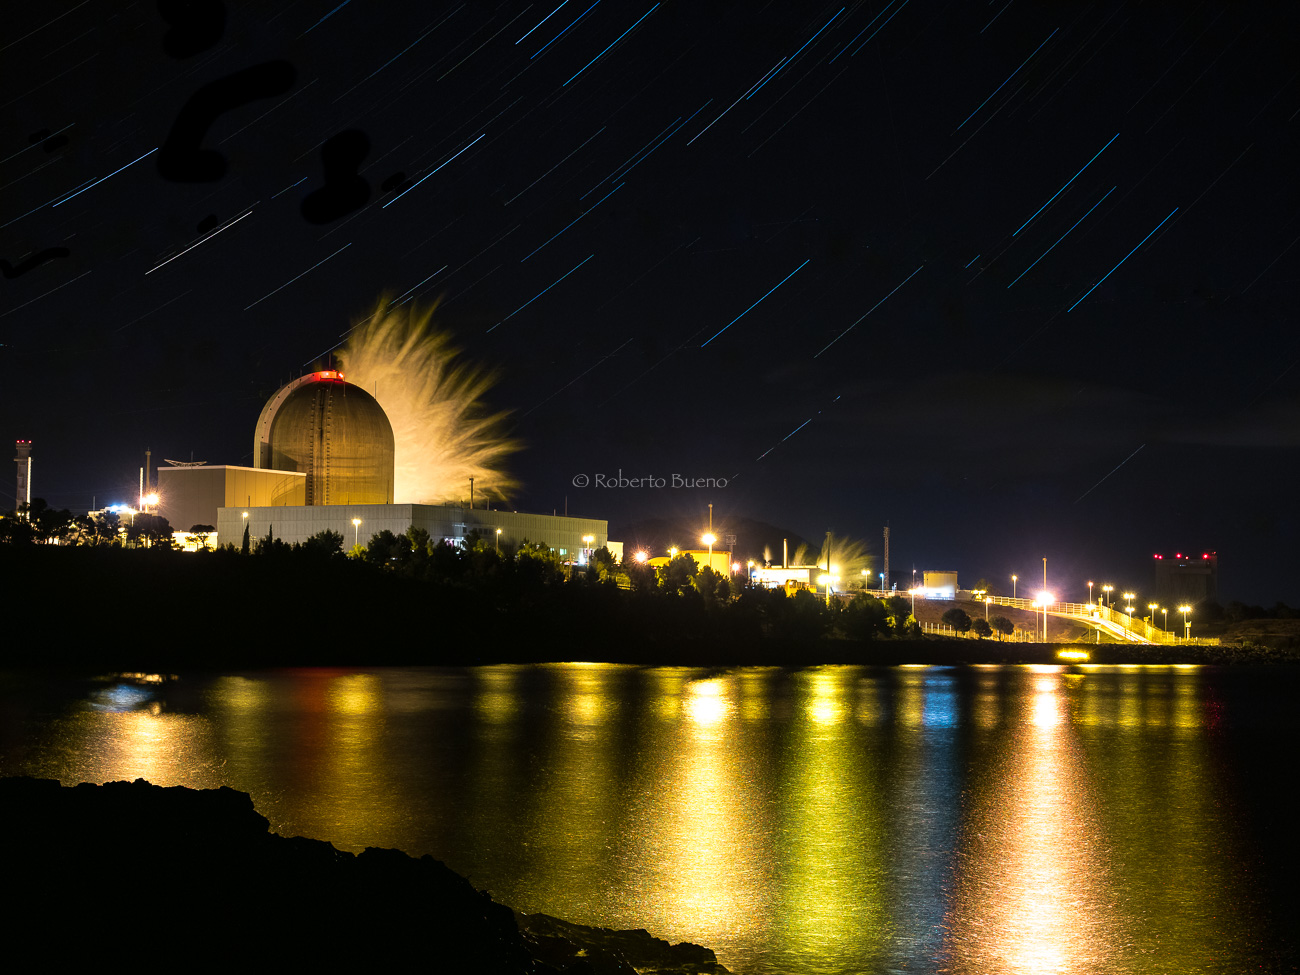 Vapor de agua. Central Nuclear de Vandellòs II por la noche - Energía Nuclear - Roberto Bueno. Energía Nuclear y Centrales Nucleares